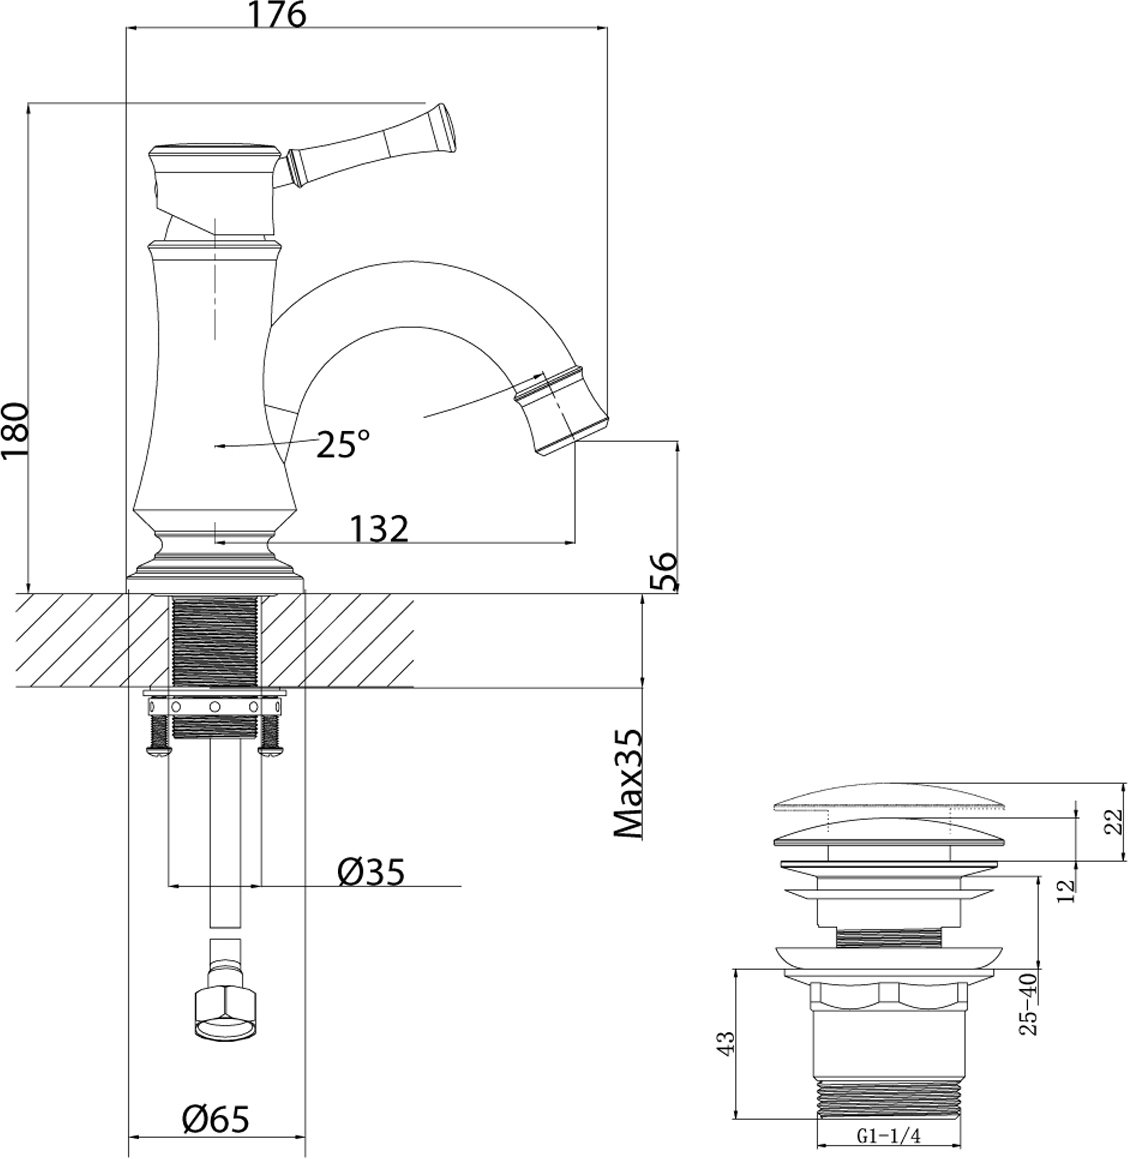 Смесители LEMARK рассчитаны на 30 лет комфортной эксплуатации.В них соединены современные технологии производства и продуманный  конструктив. Установлены комплектующие от известных мировых производителей, являющихся лидерами в своих сегментах: немецкие  аэраторы Neoperl – устройства, регулирующие расход воды; керамические картриджи и кран-буксы испанской фирмы Sedal.Вся  продукция LEMARK устанавливается не только в частном секторе, но и с успехом эксплуатируется в офисах Hewlett-Packard, Walt Disney Studios  Sony Pictures Releasing, Mail.ru Group, а также в новом терминале аэропорта «Толмачево» в Новосибирске.Сегодня на смесители LEMARK  установлен беспрецедентный 10-летний период бесплатного сервисного обслуживания. Данное условие действует, даже если монтаж изделий  производится покупателями самостоятельно.Сервисная сеть насчитывает 90 гарантийных мастерских по России и странам СНГ.